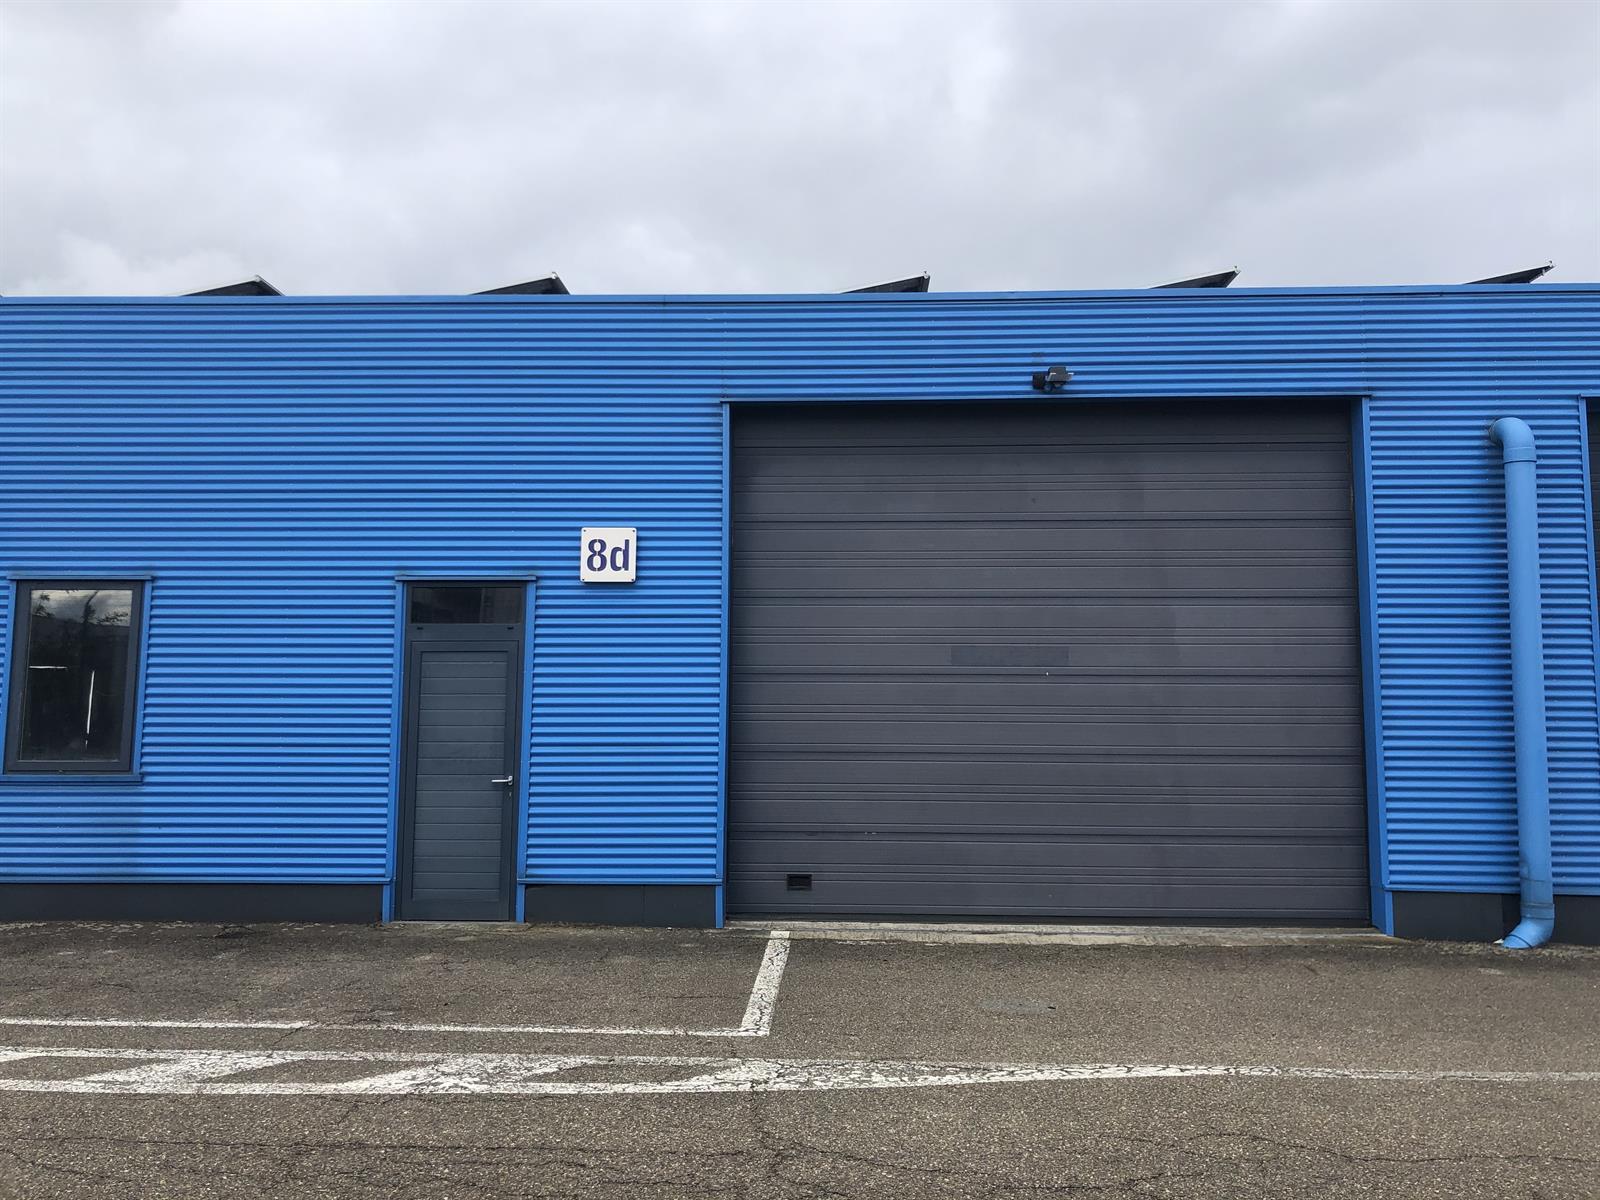 opslagplaats te huur I168 - 8D - Saffierstraat 5, 2200 Herentals, België 2